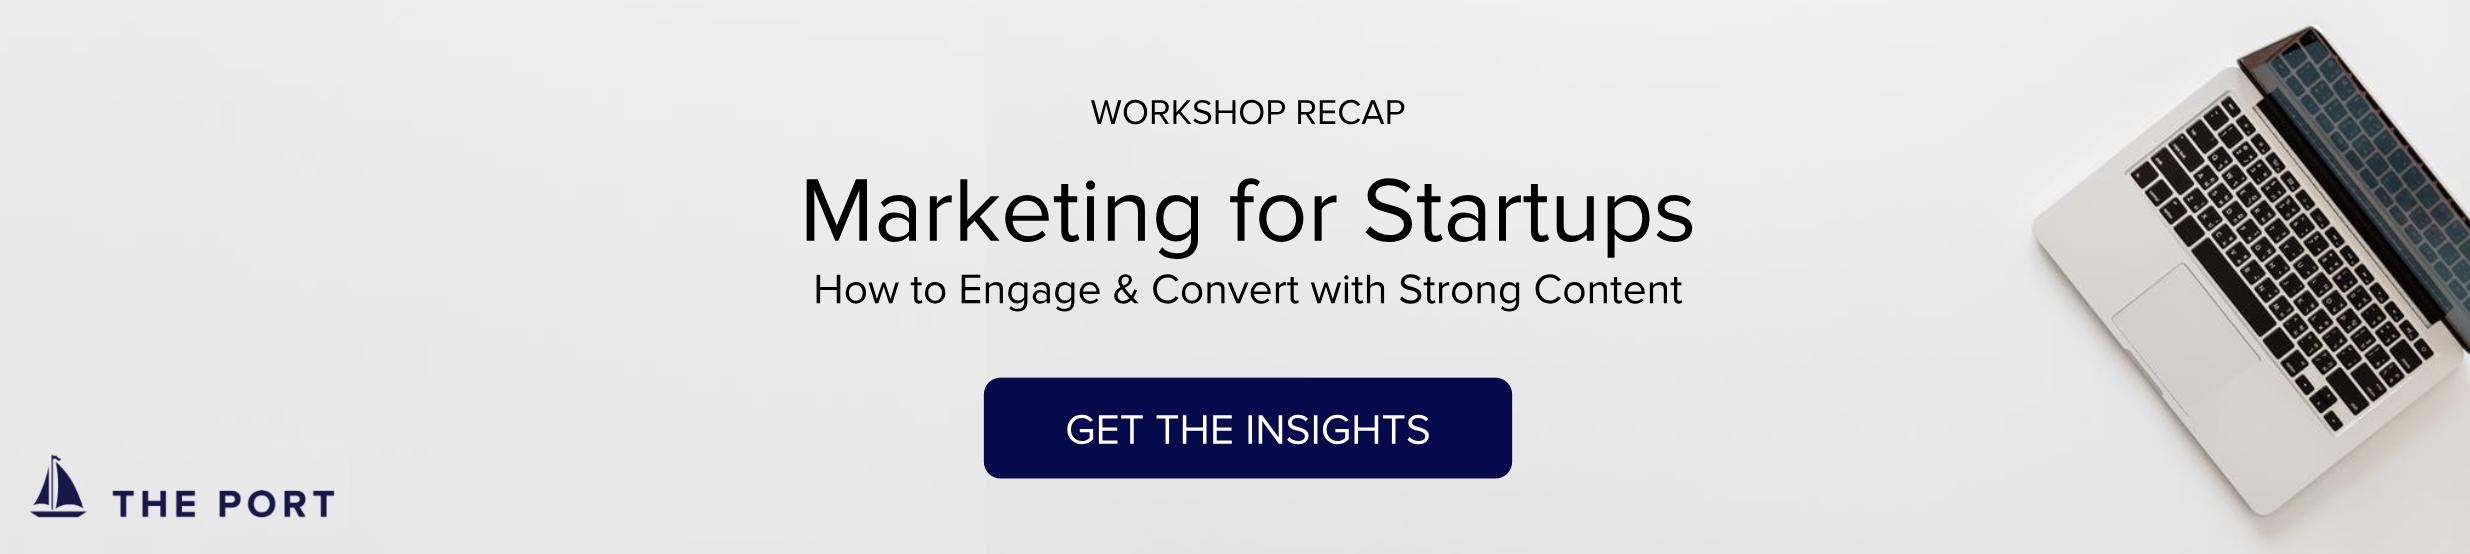 MARKETING-FOR-STARTUPS-WORKSHOP-RECAP.png